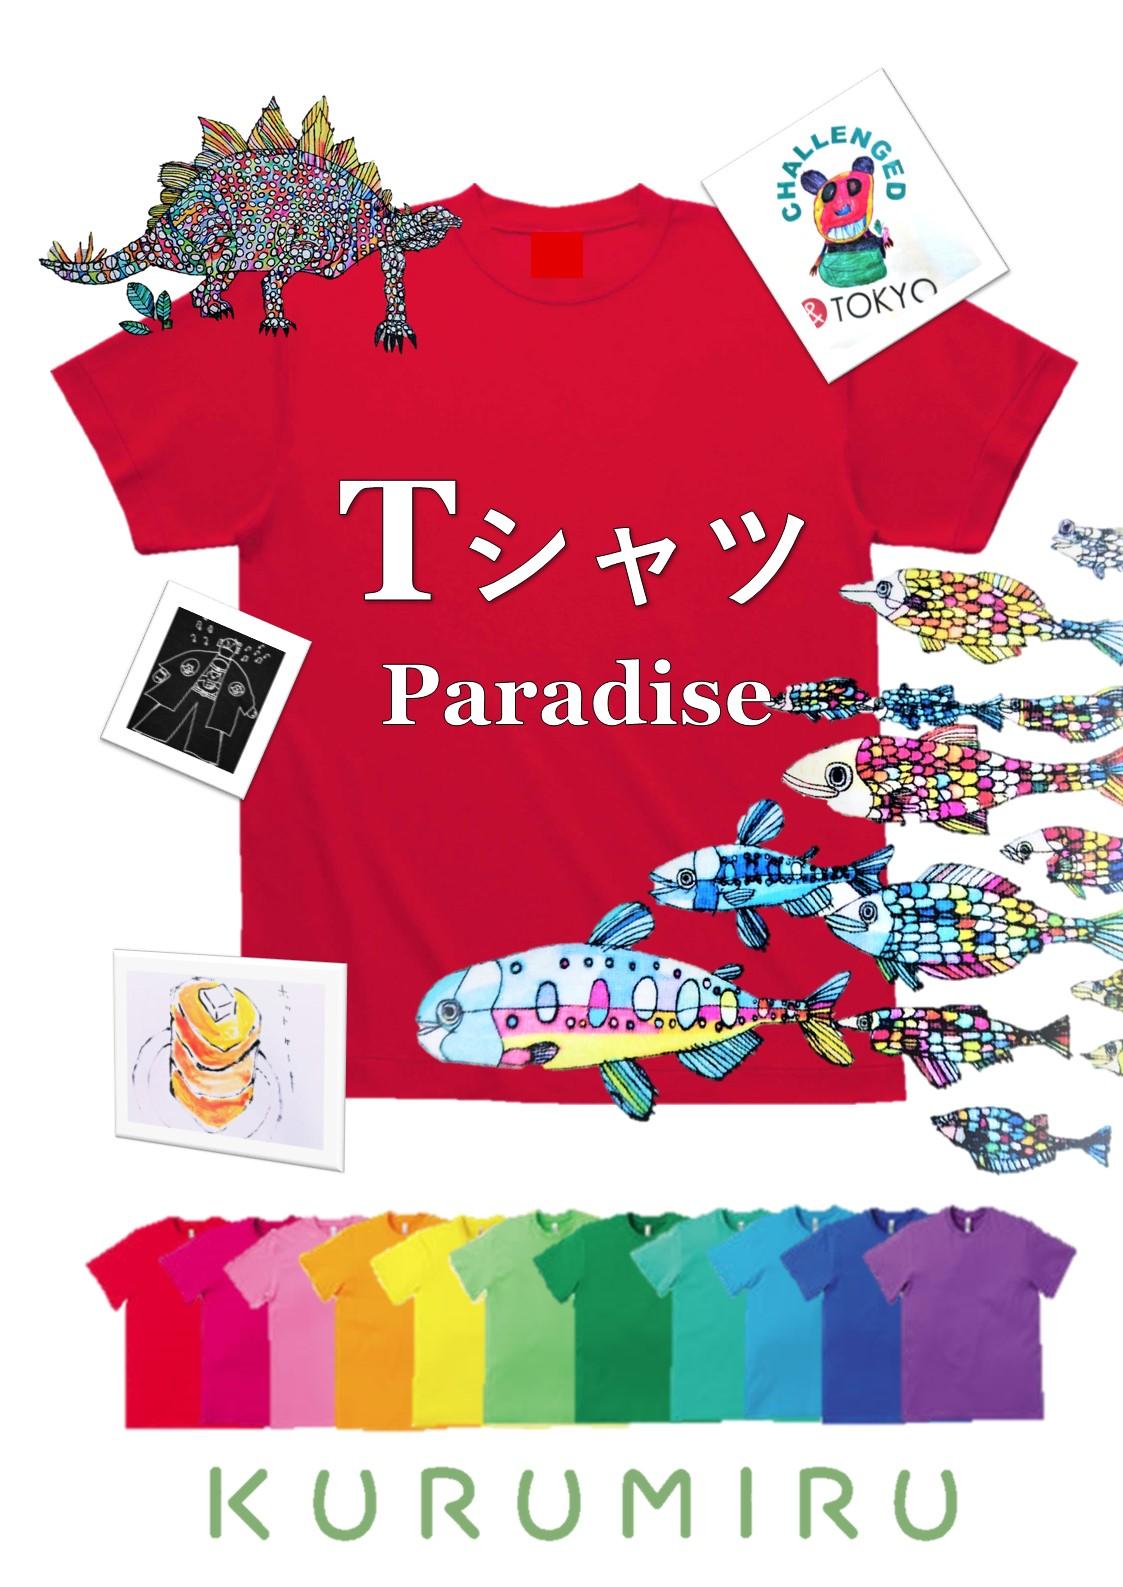 「Tシャツ Paradise」間もなくスタート!